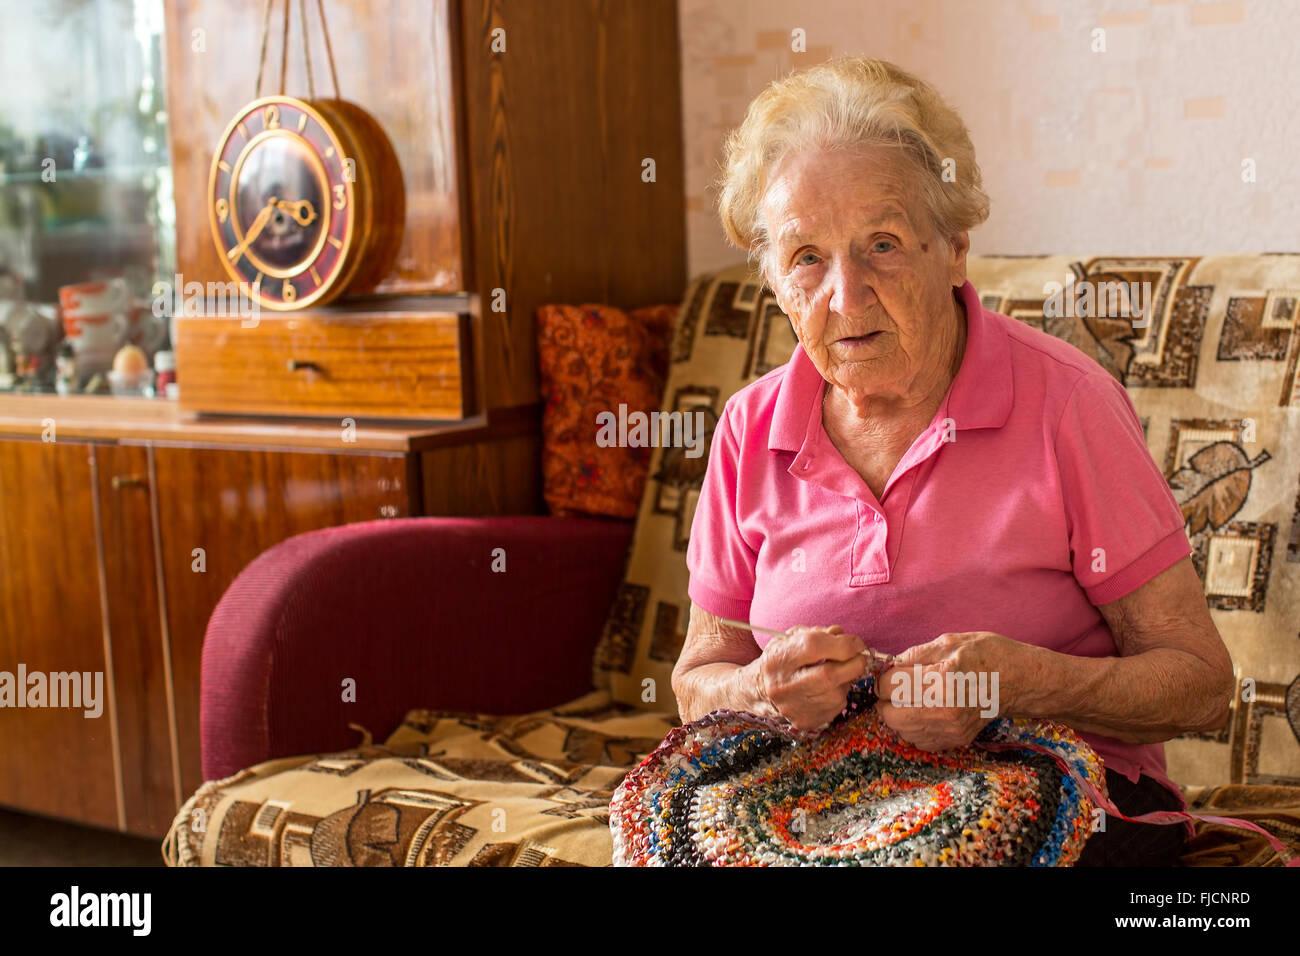 Eine ältere Frau sitzt in ihrem Zimmer und Wolldecke stricken. Stockbild